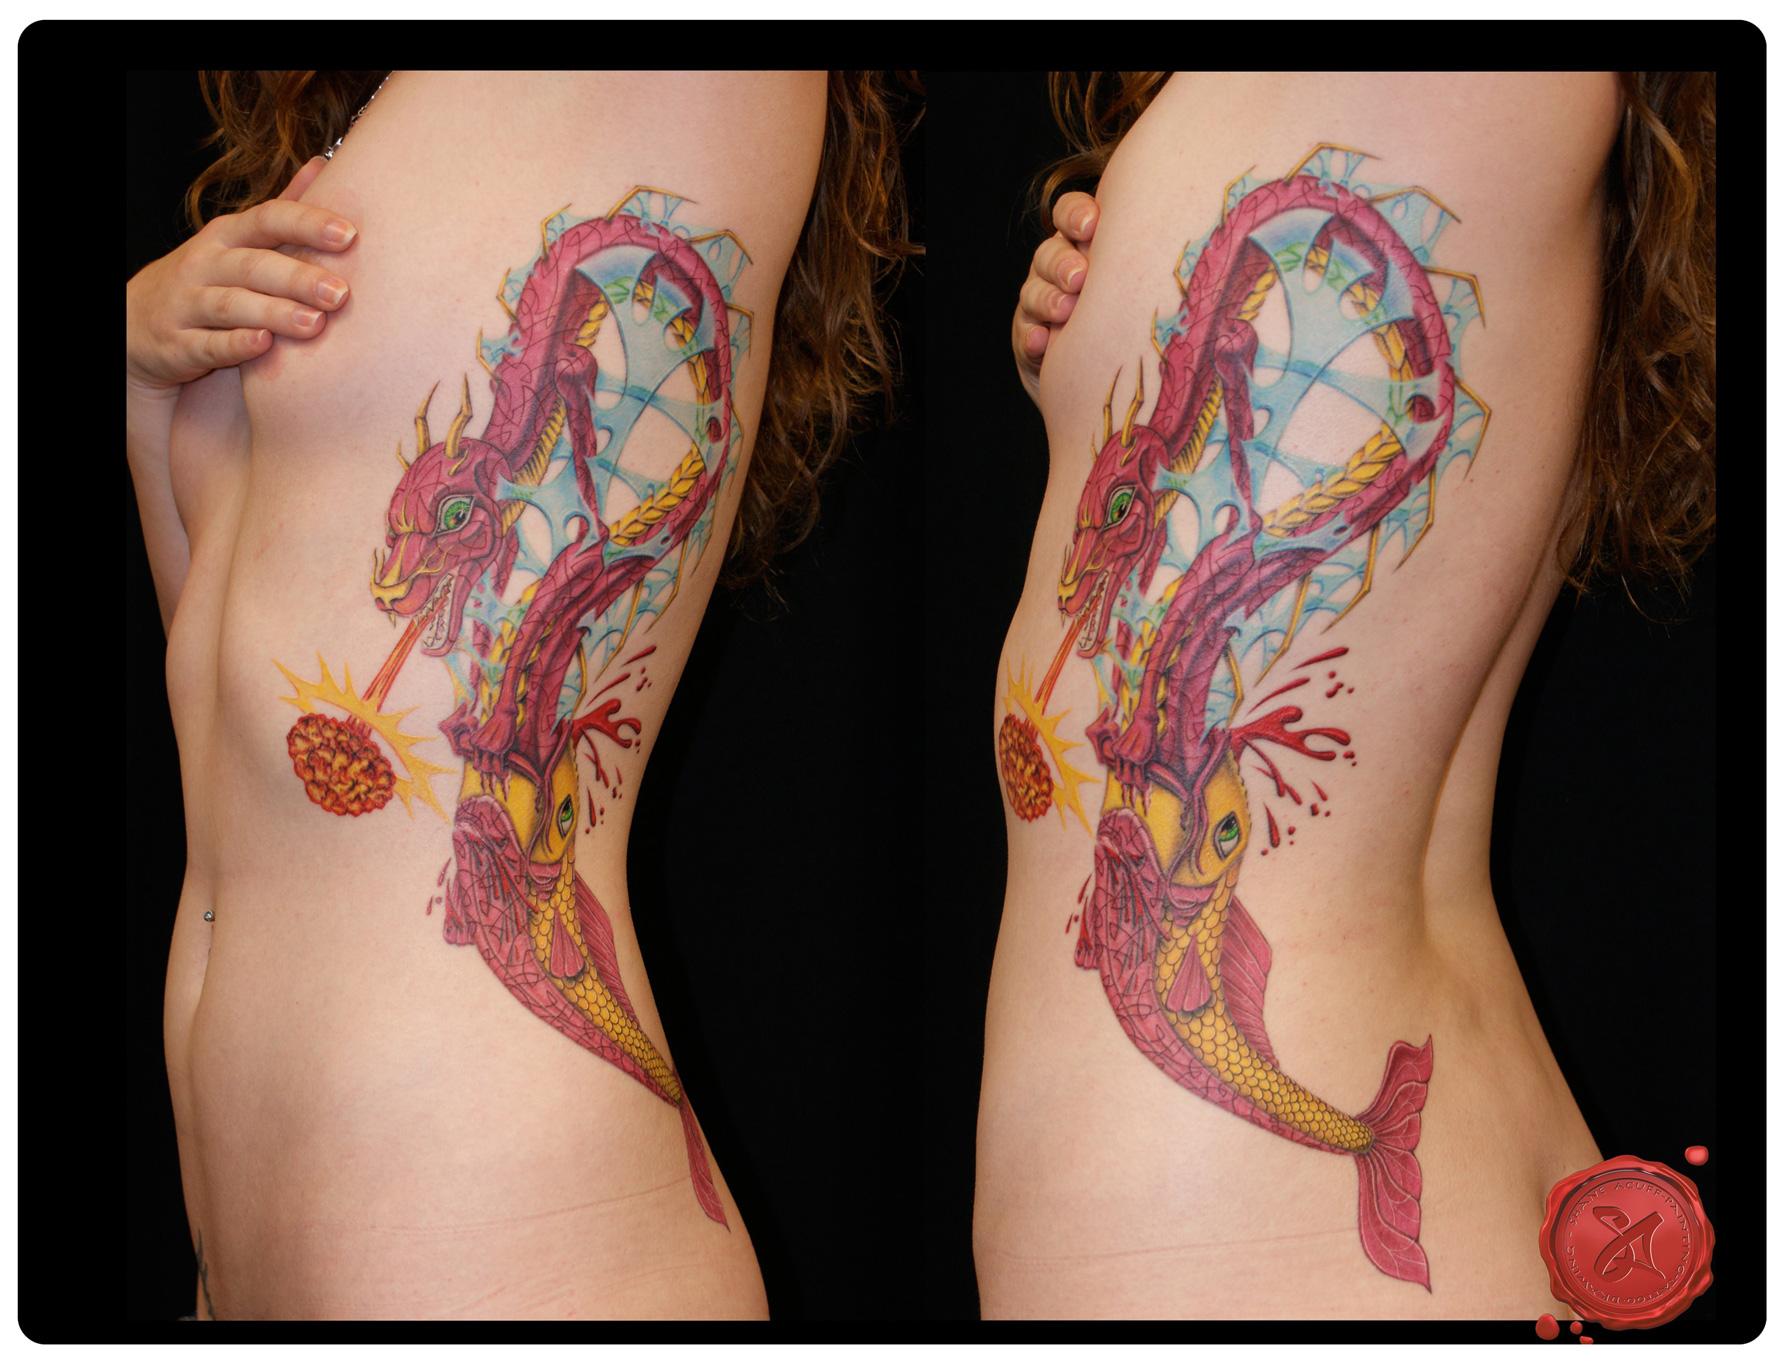 web-r_2011_tattoo_torso_realism_fish-eating-dragon.jpg